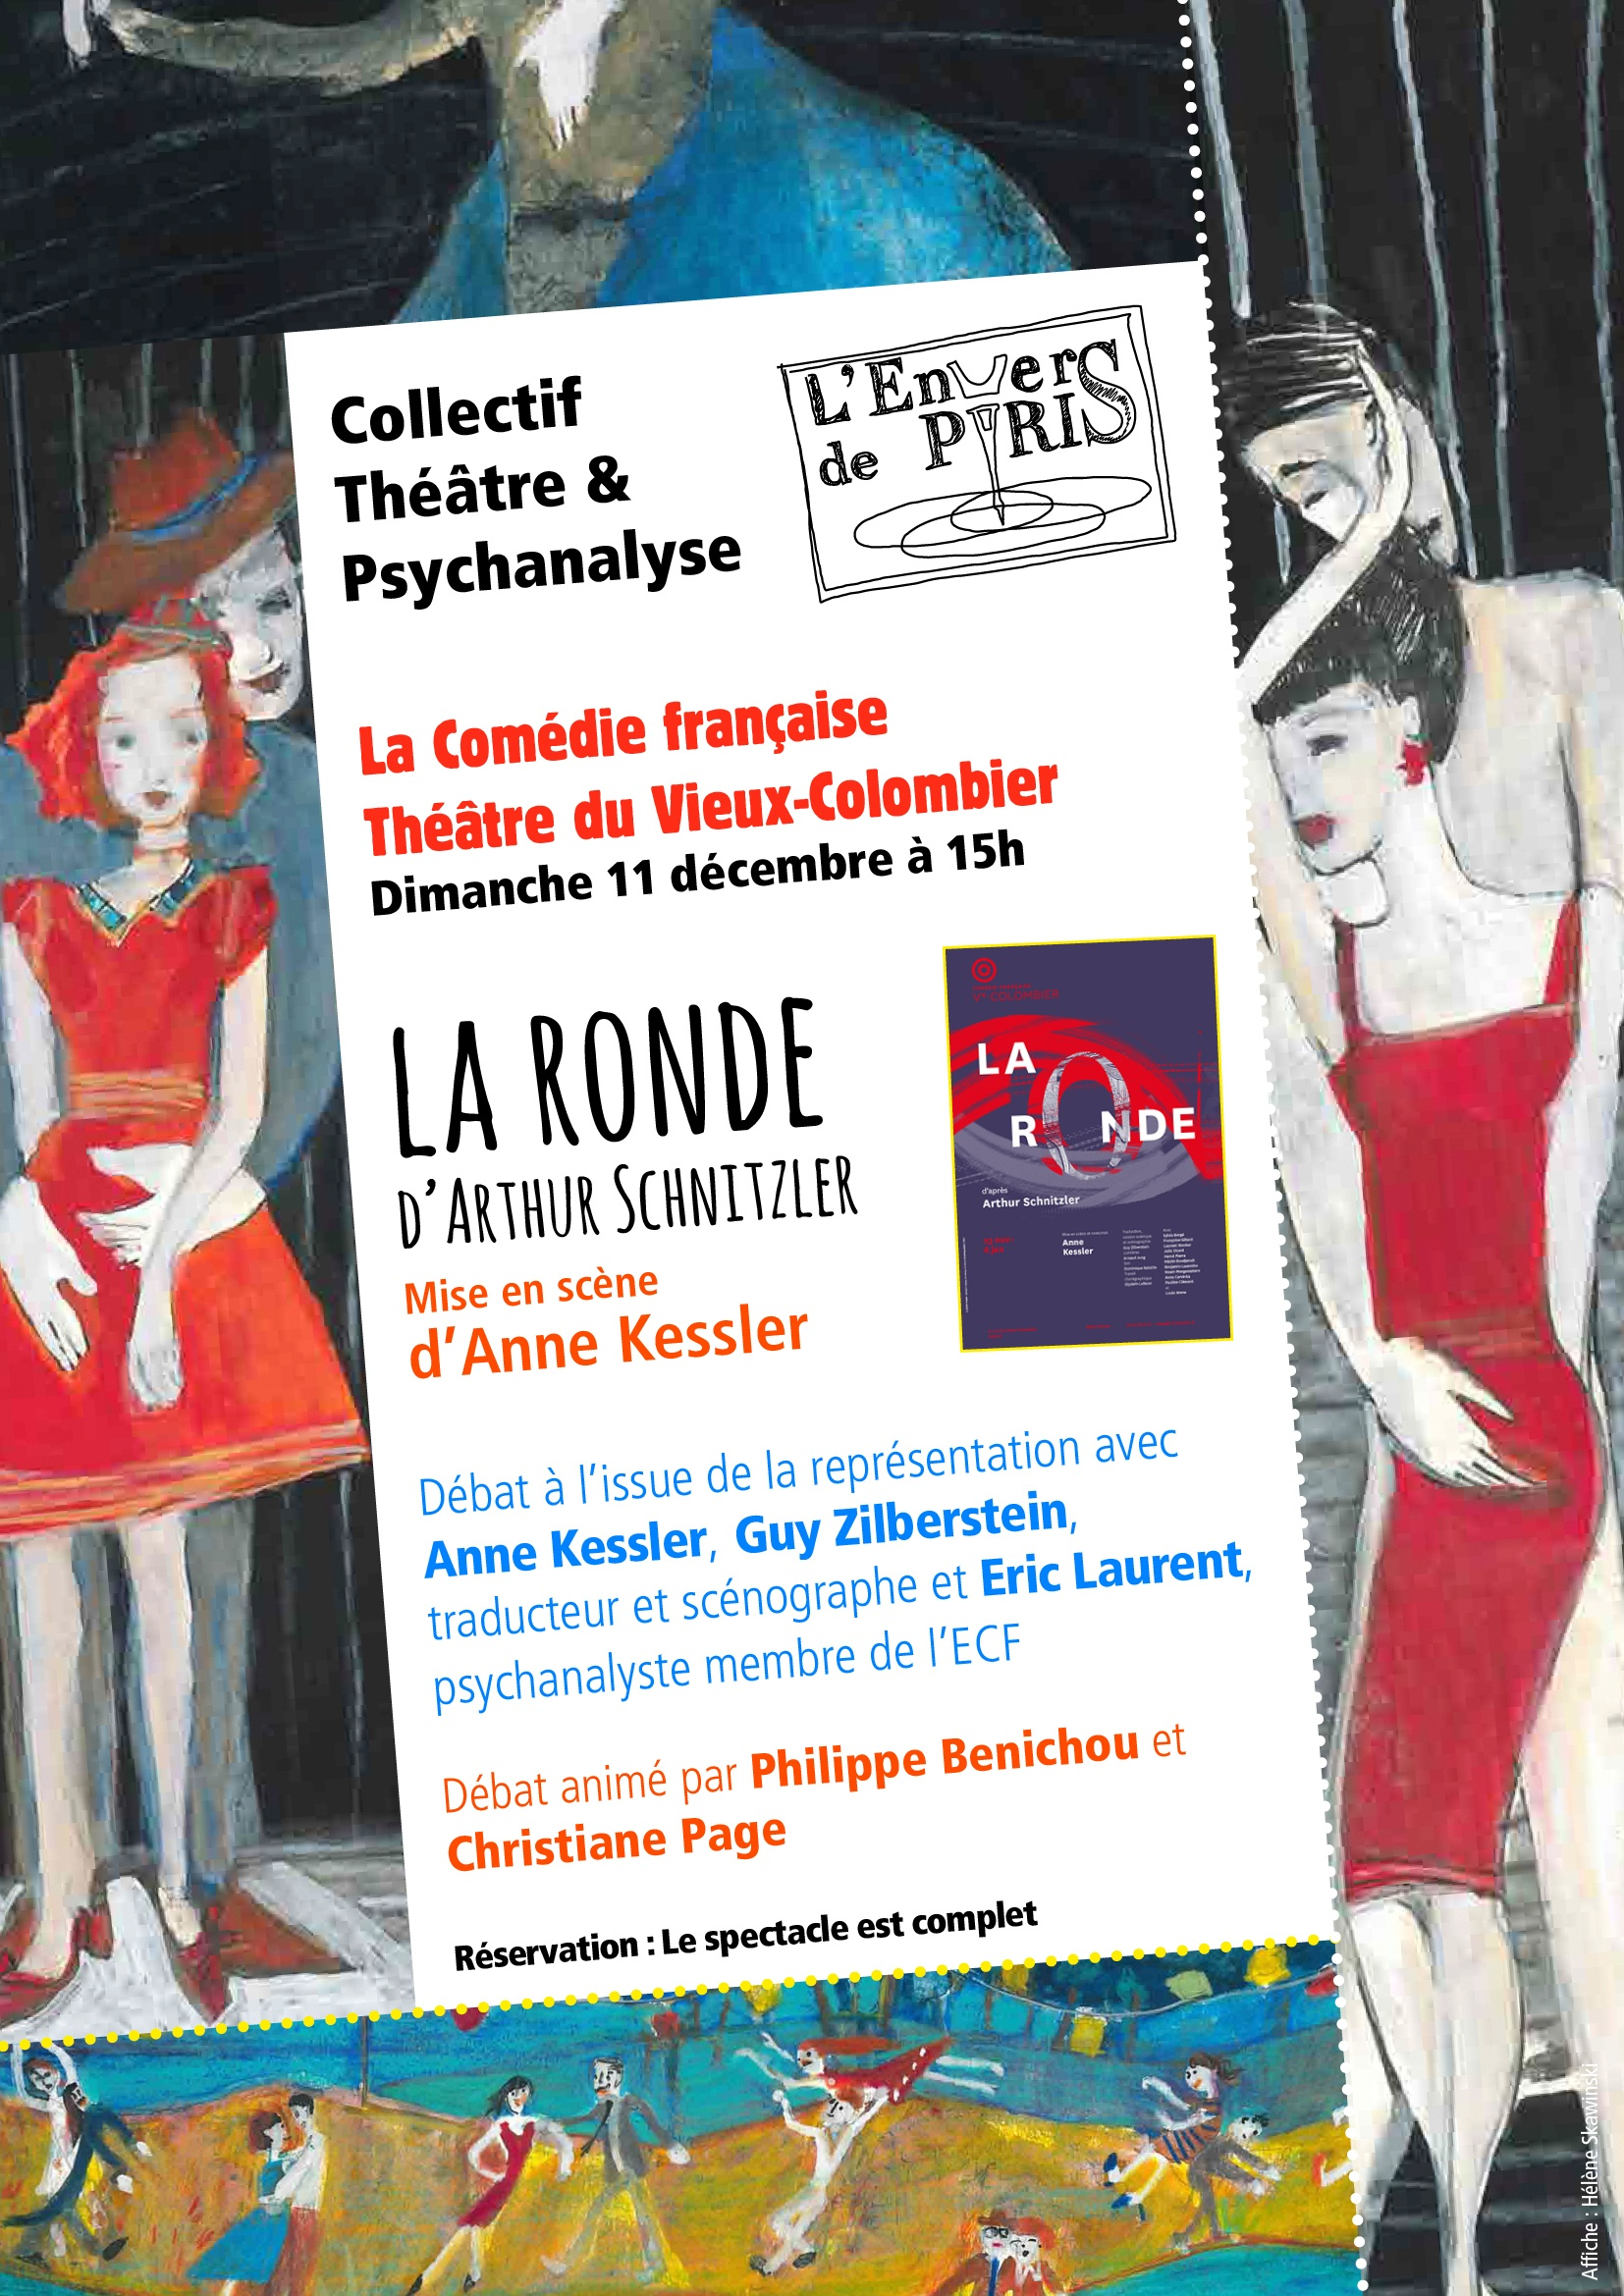 Les liaisons dangereuses, adaptation et mise en scène de Christine Letailleur, d'après l'œuvre de Choderlos de Laclos, au Théâtre de la Ville, Paris